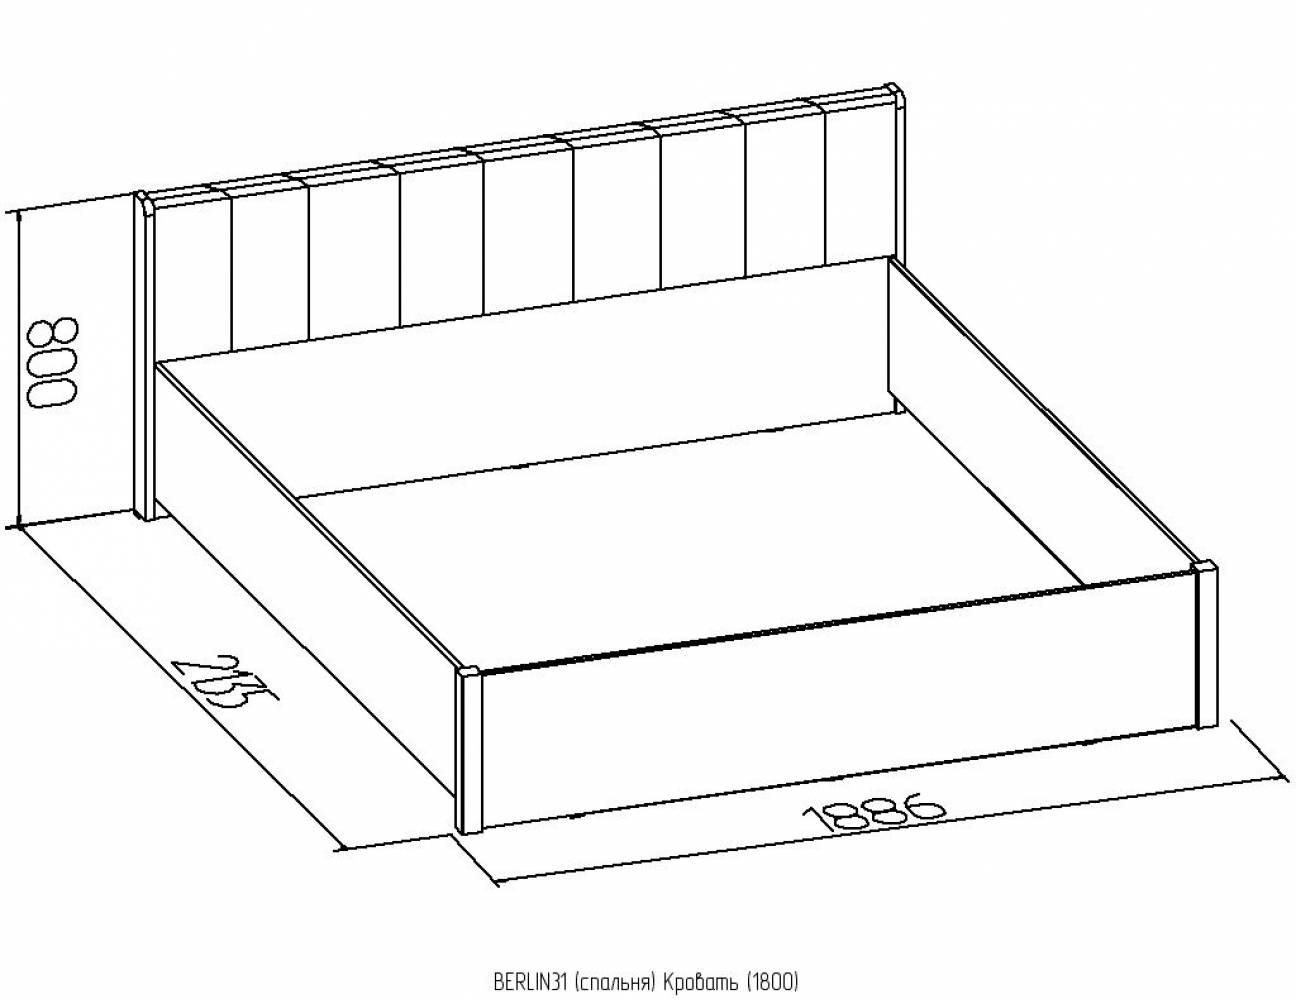 BERLIN31+31.2 Кровать (1800) в комплекте с основанием и подъемным механизмом (1800)